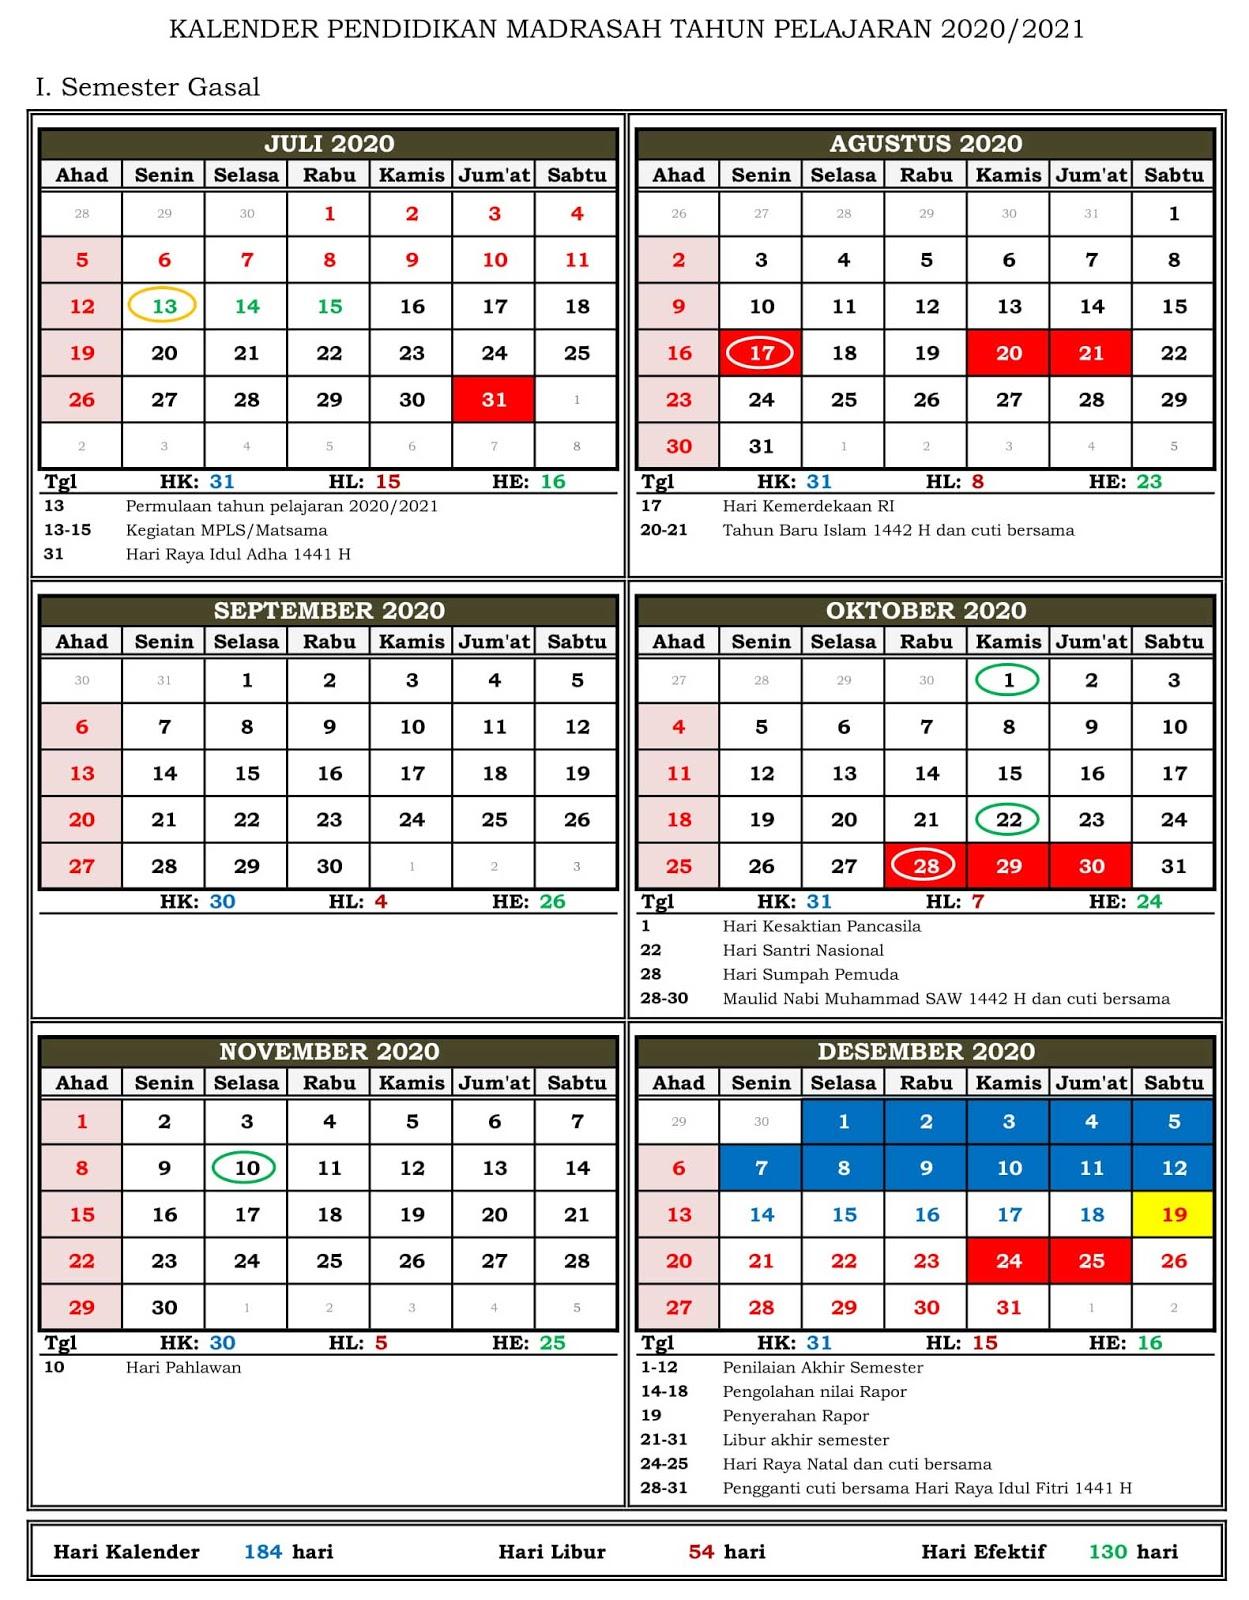 Download Kalender Pendidikan Madrasah 2020/2021 Provinsi ...